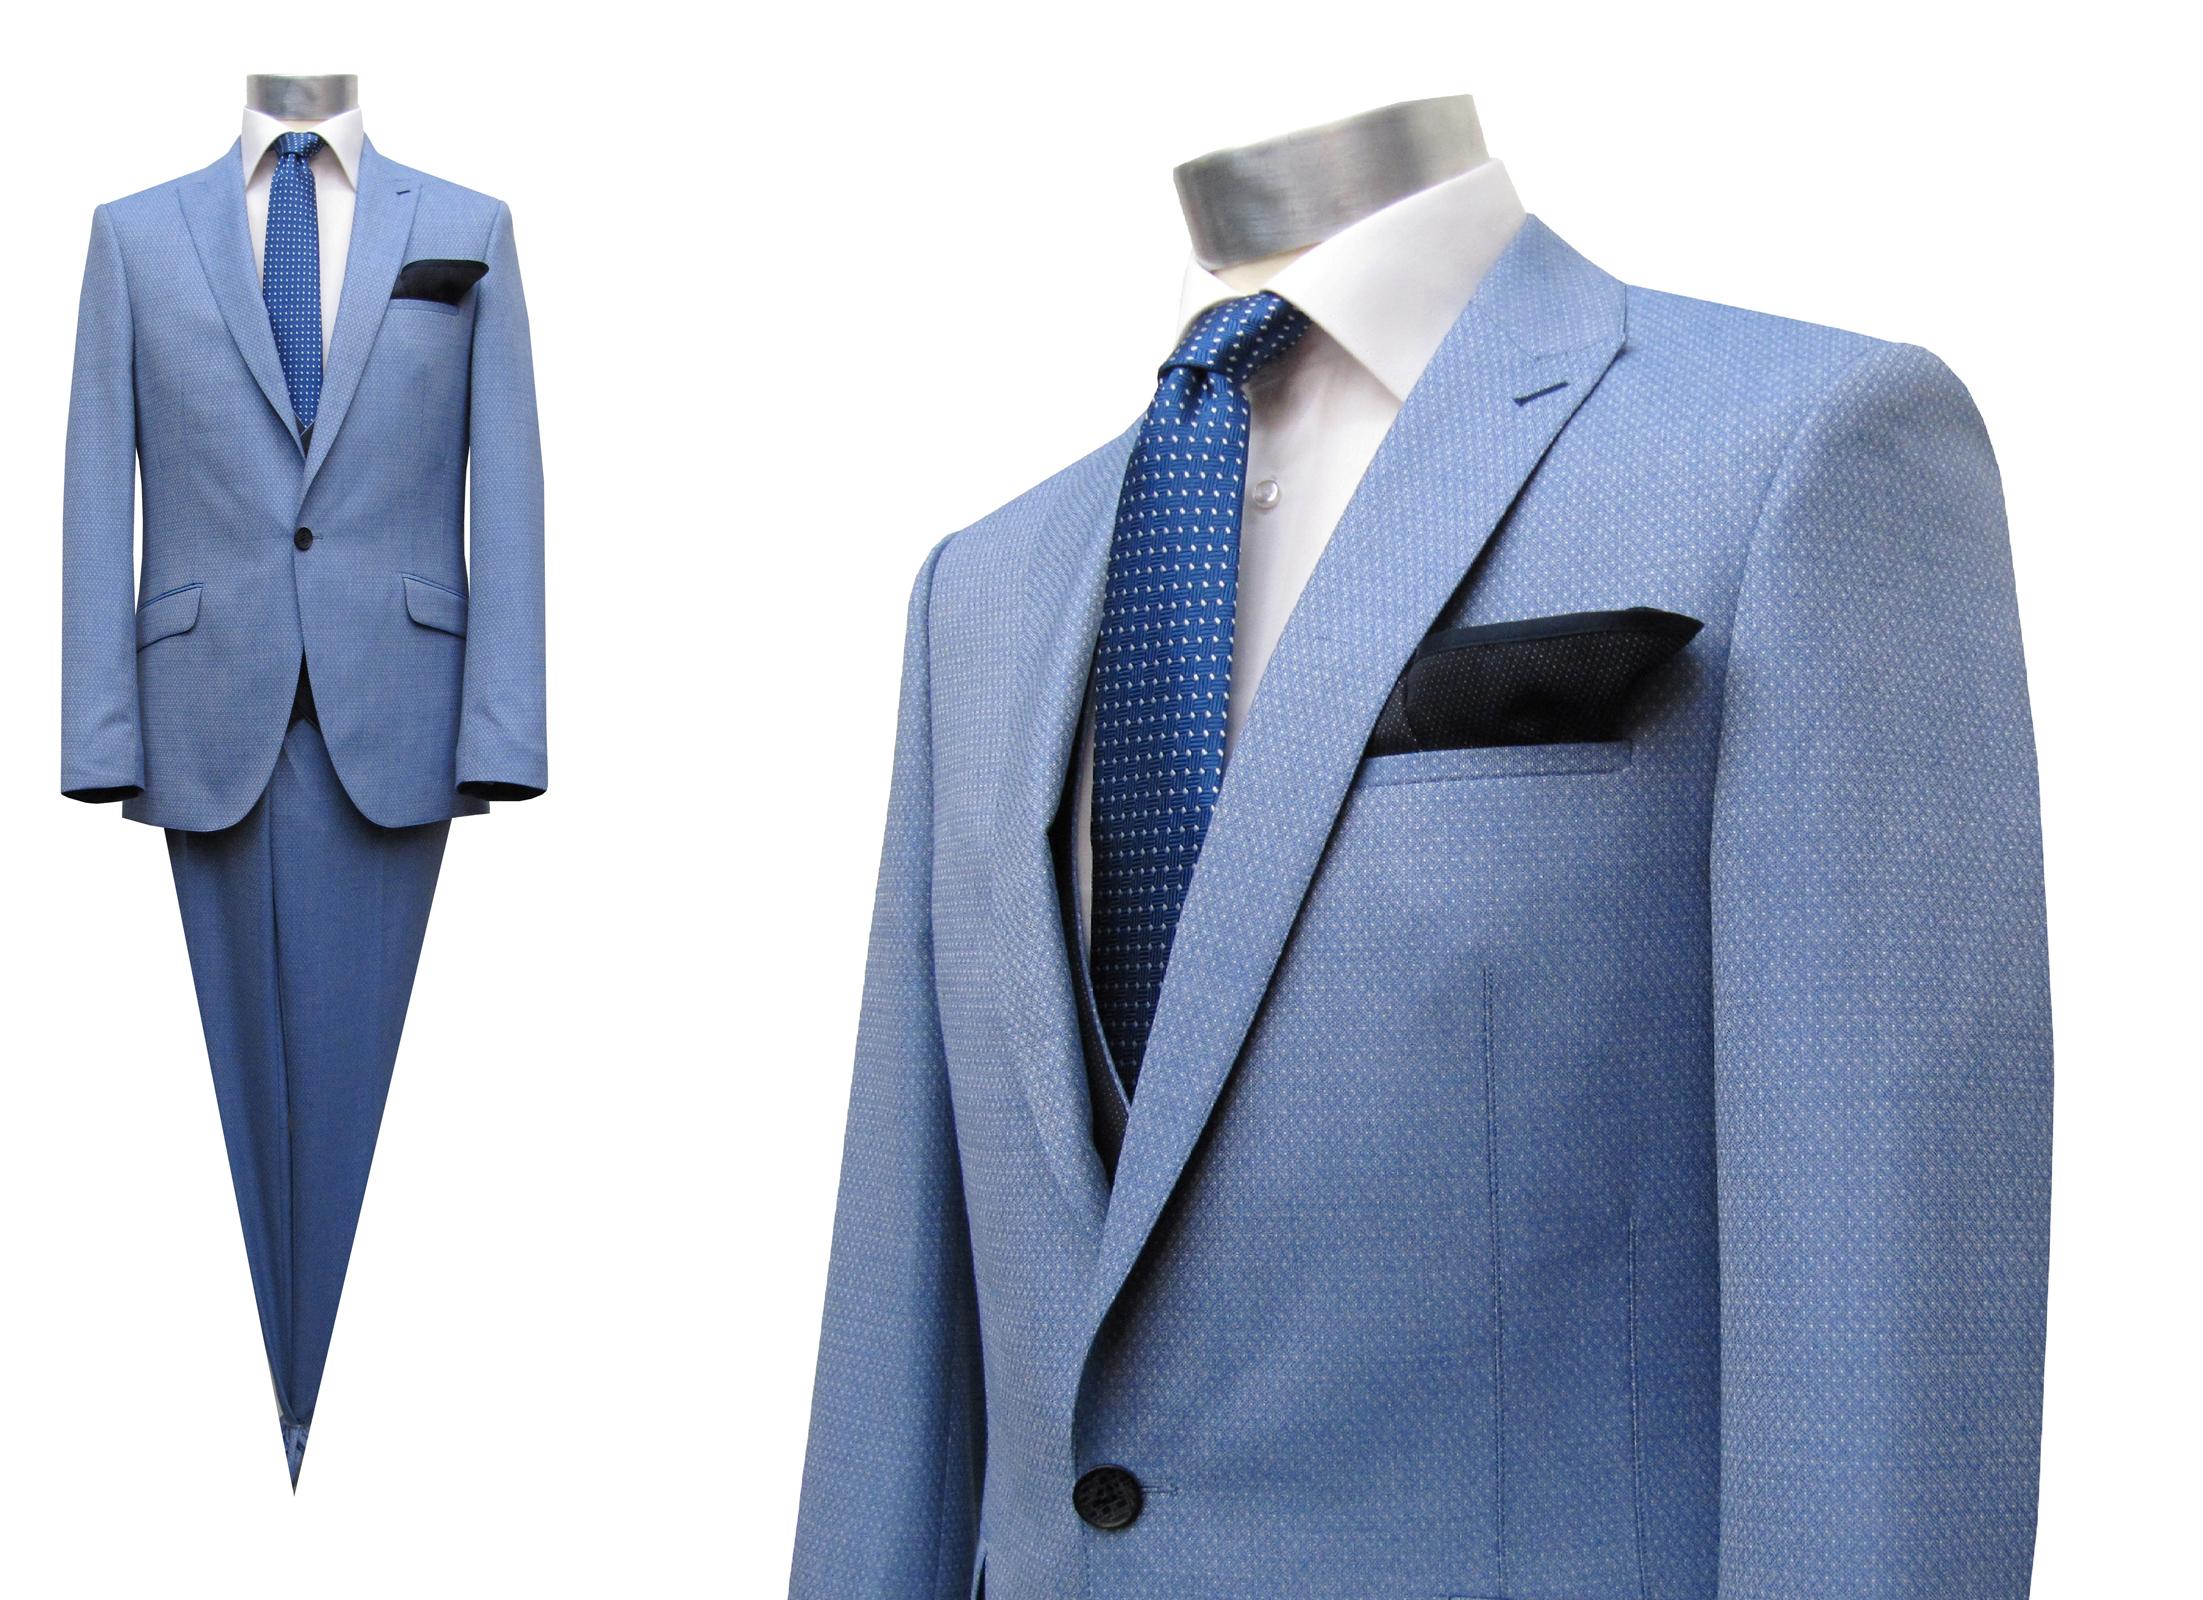 gemusterte Herren Anzug Blau mit Weste und Einstecktuch, 4-teilig, 46-50  verfügbar. Design by MUGA ® 962b83aaec